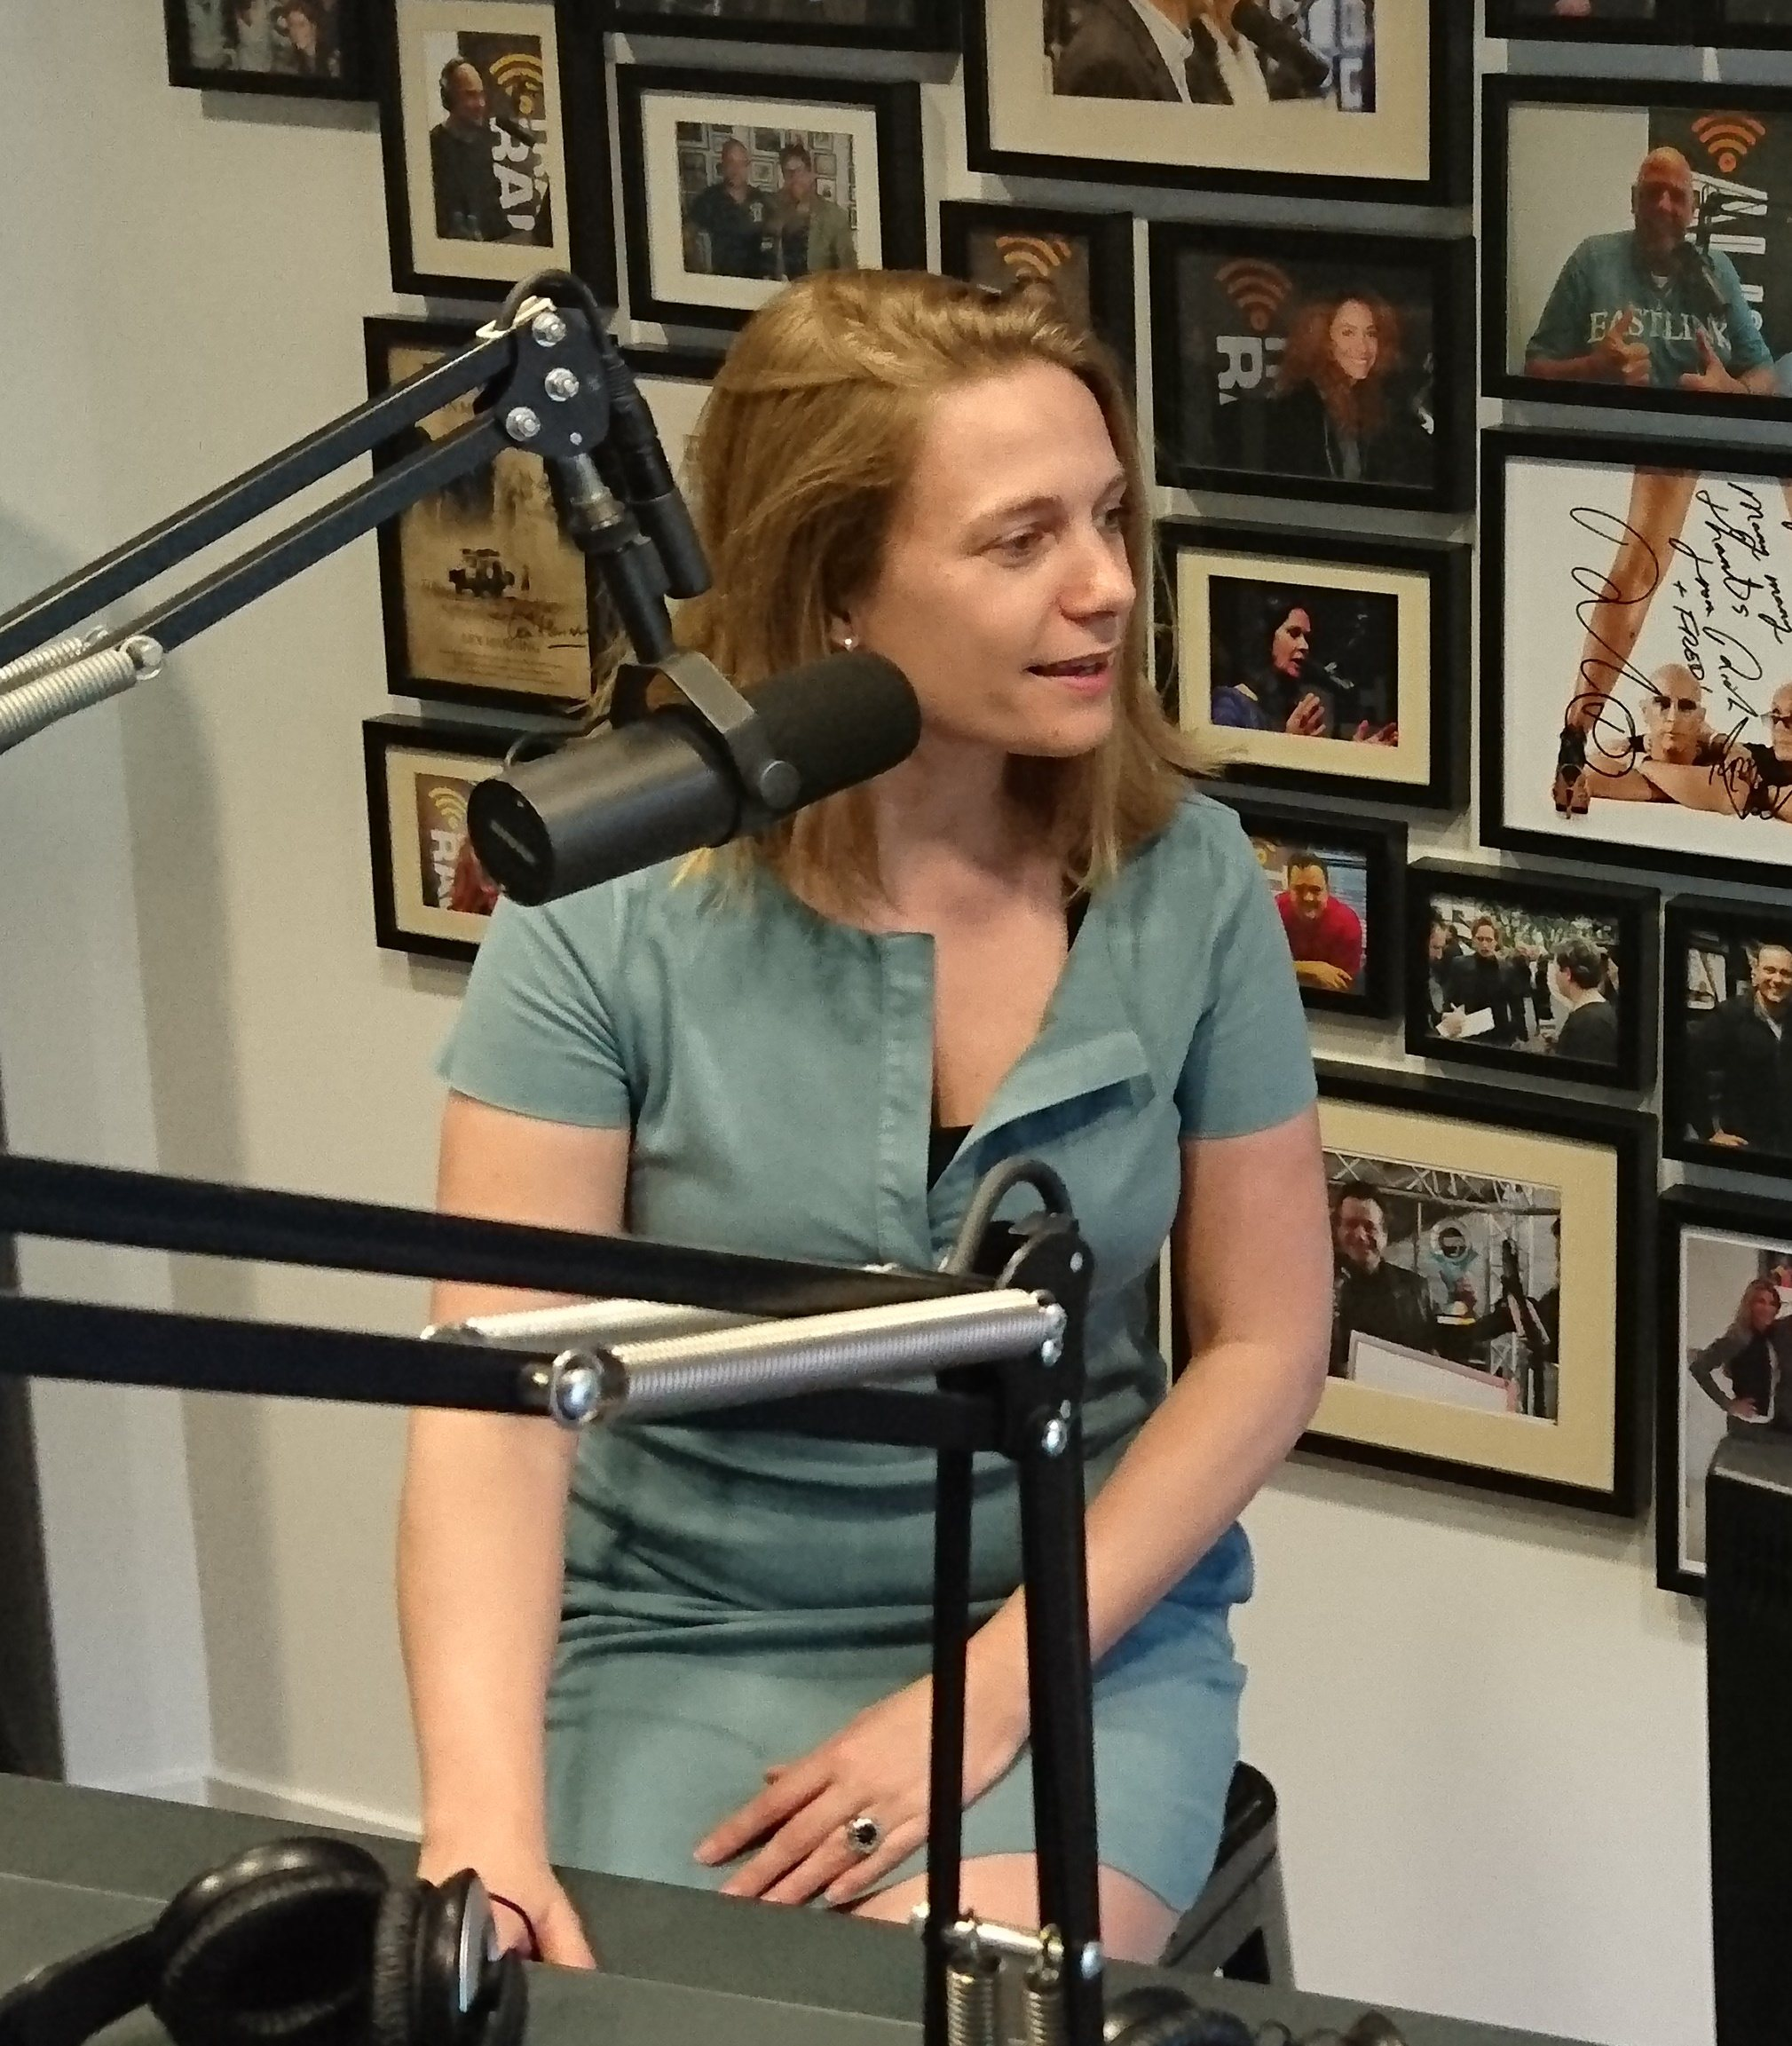 Tamara Madern es una invitada en Vallen que se levanta y continúa con Jacqueline Zuidweg en New Business Radio. El tema es: Deuda y prevención.